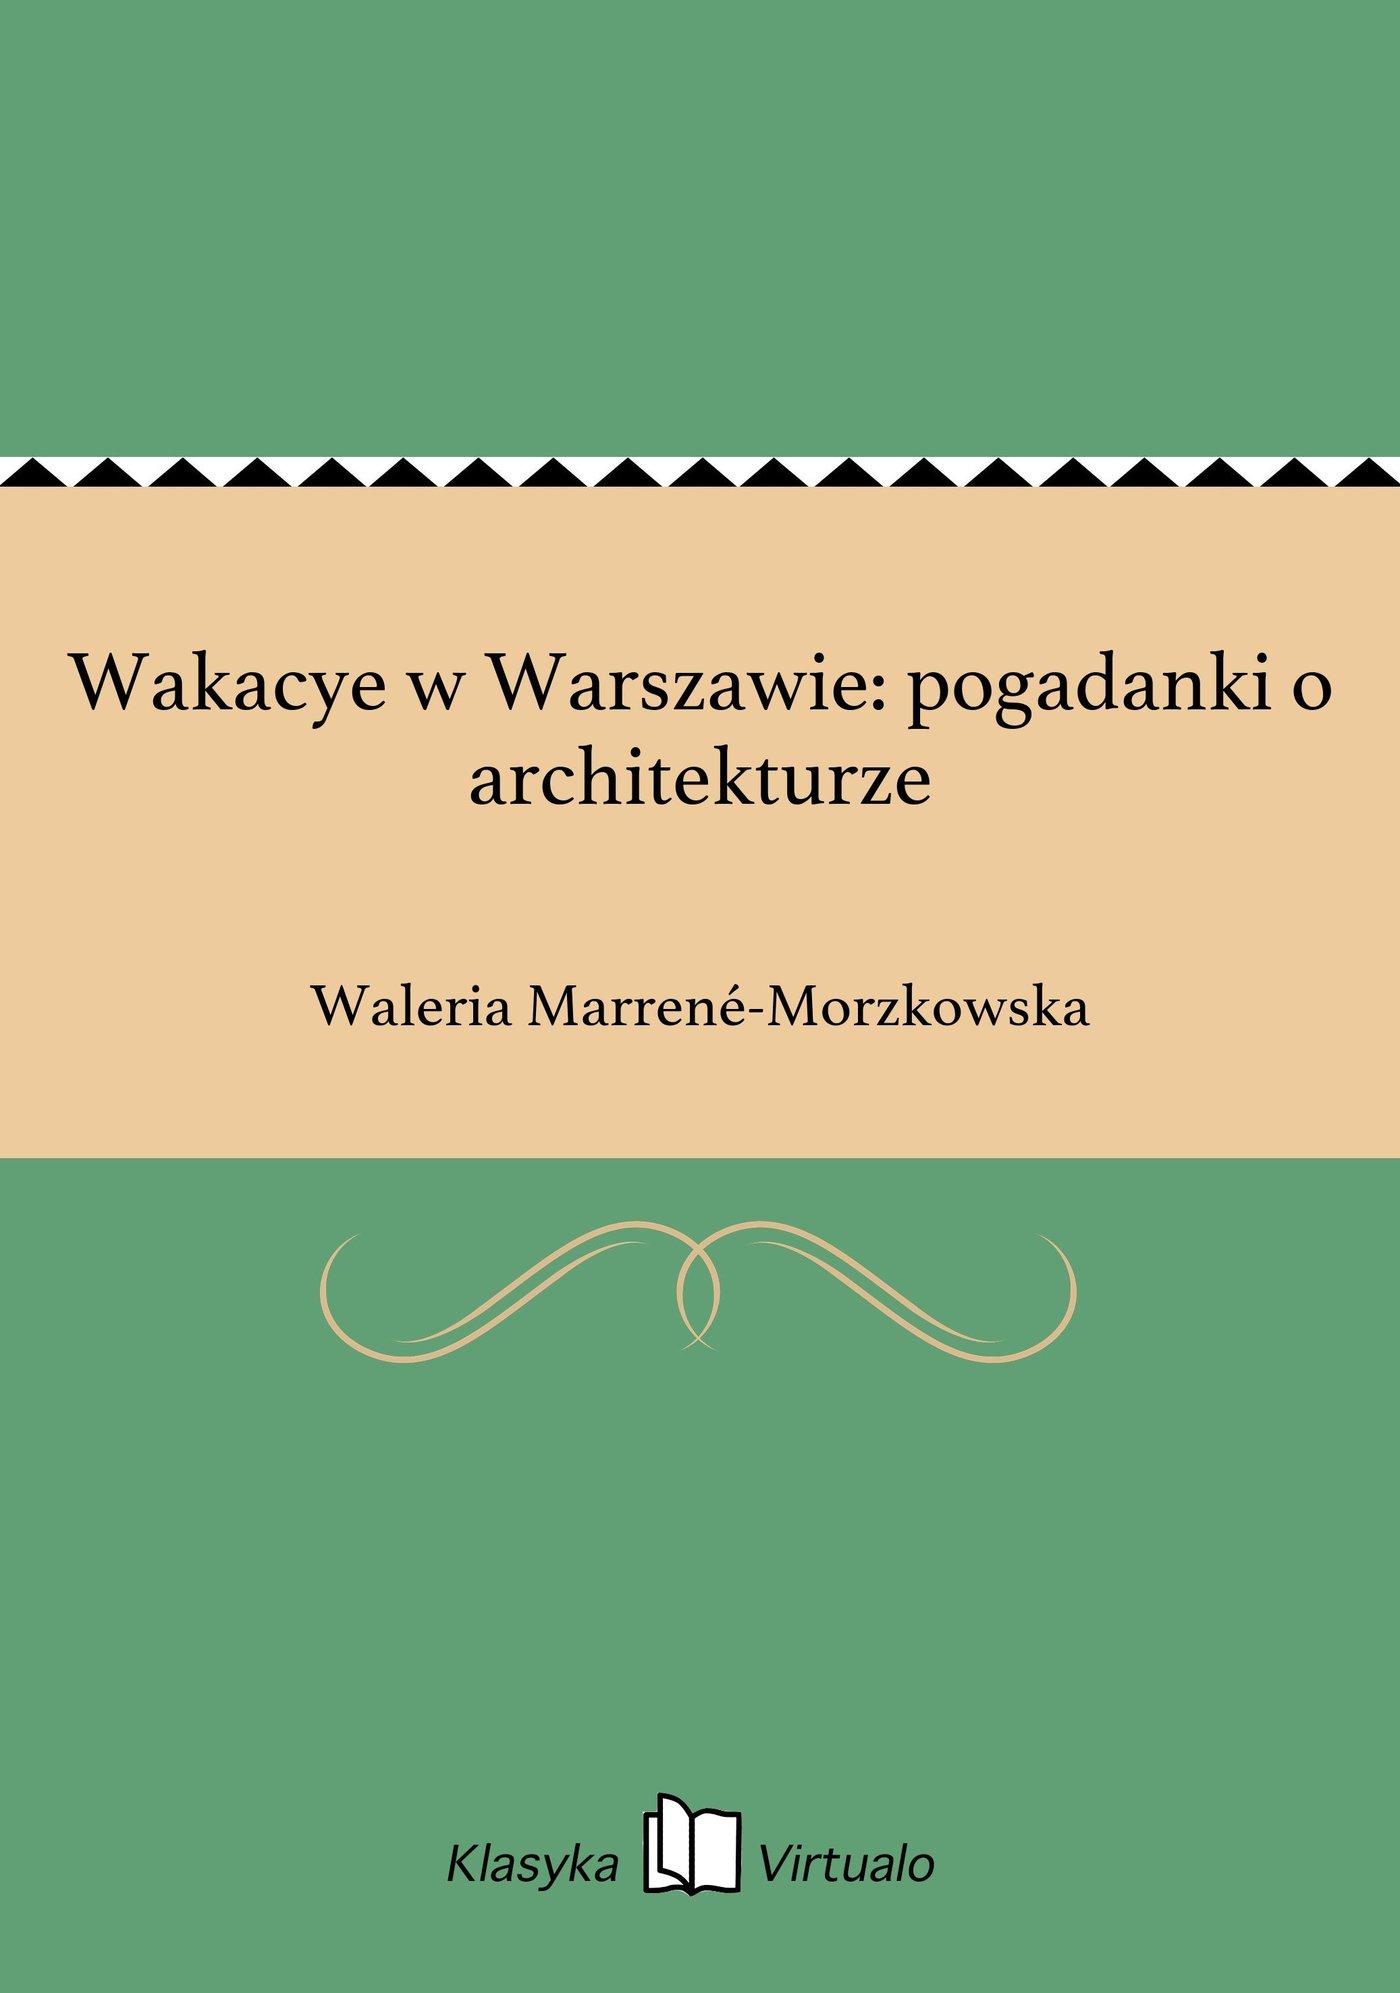 Wakacye w Warszawie: pogadanki o architekturze - Ebook (Książka EPUB) do pobrania w formacie EPUB